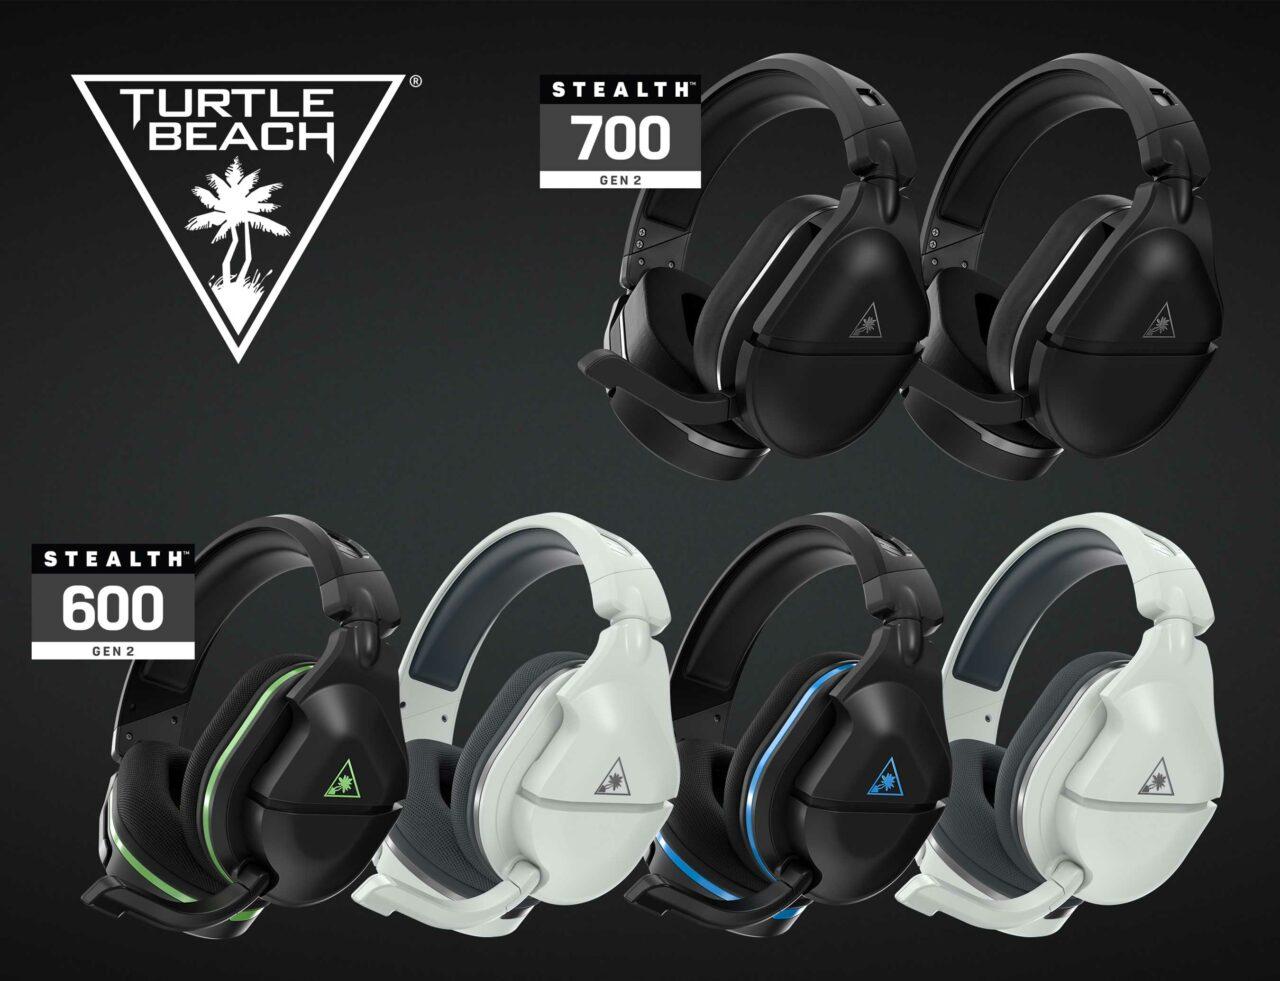 Cuffie Turtle Beach PC e PS4 in offerta, date un'occhiata anche alla line-up di Natale di ROCCAT